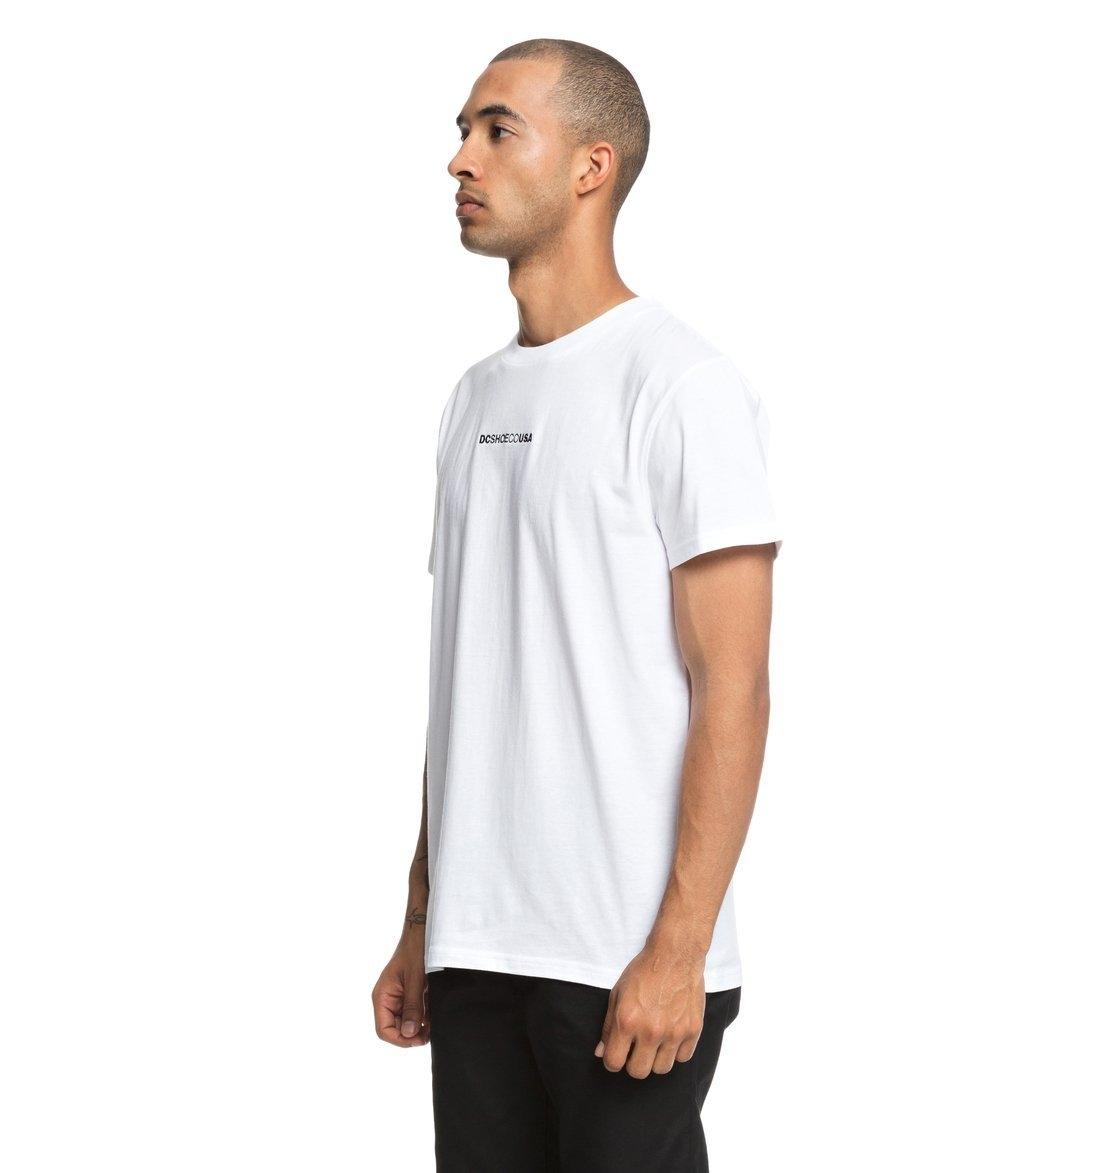 Online T Dc Shop Shoes shirtcraigburn Yfb7v6gy